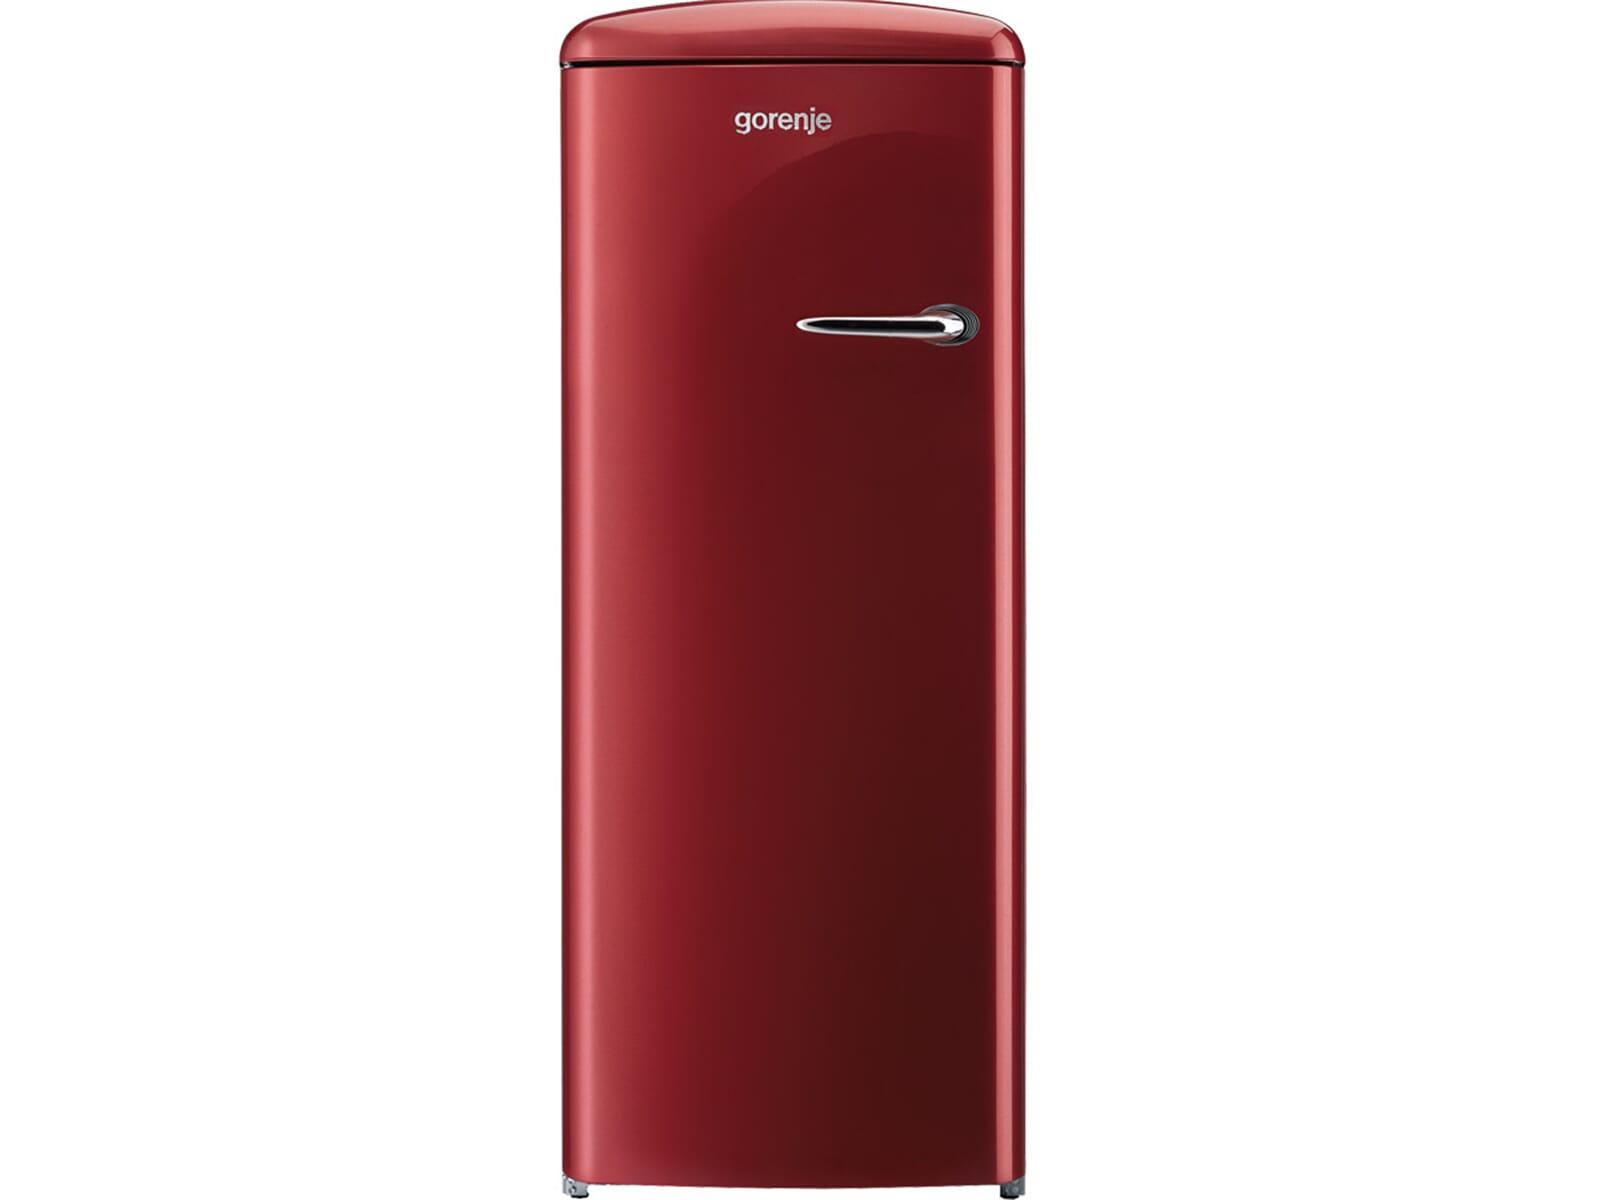 Amerikanischer Kühlschrank Gorenje : Gorenje retro kühlschrank preisvergleich tracie a. weeks blog